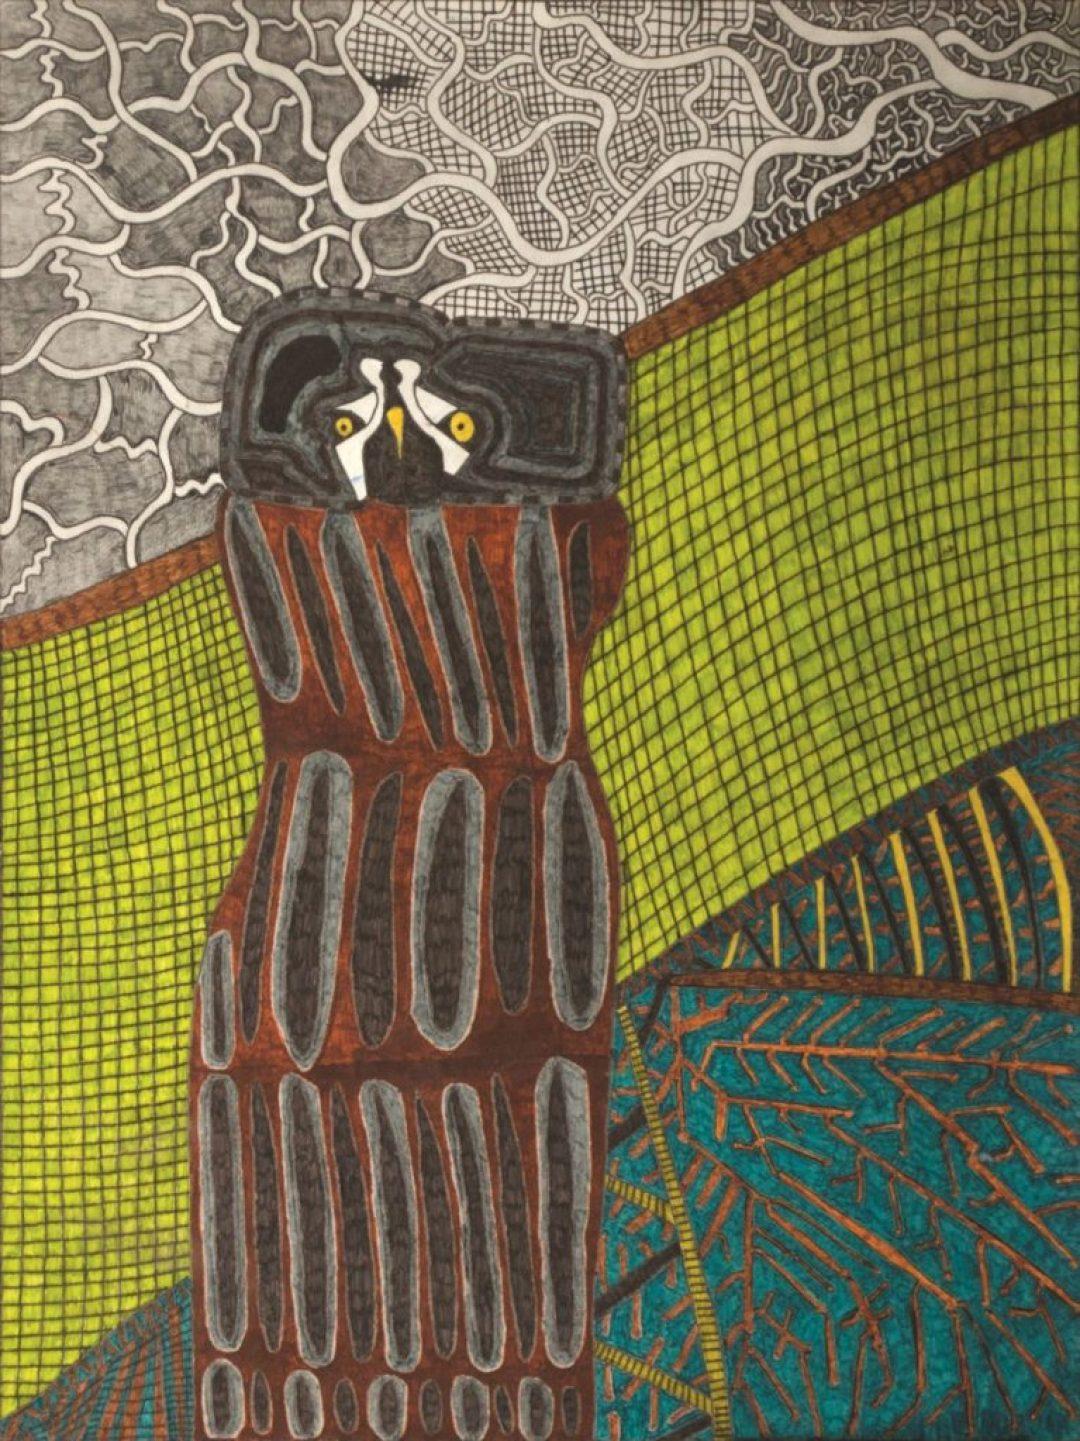 Georges Cauchy, Sans titre, 2011, marqueur sur papier, 73 x 55 cm